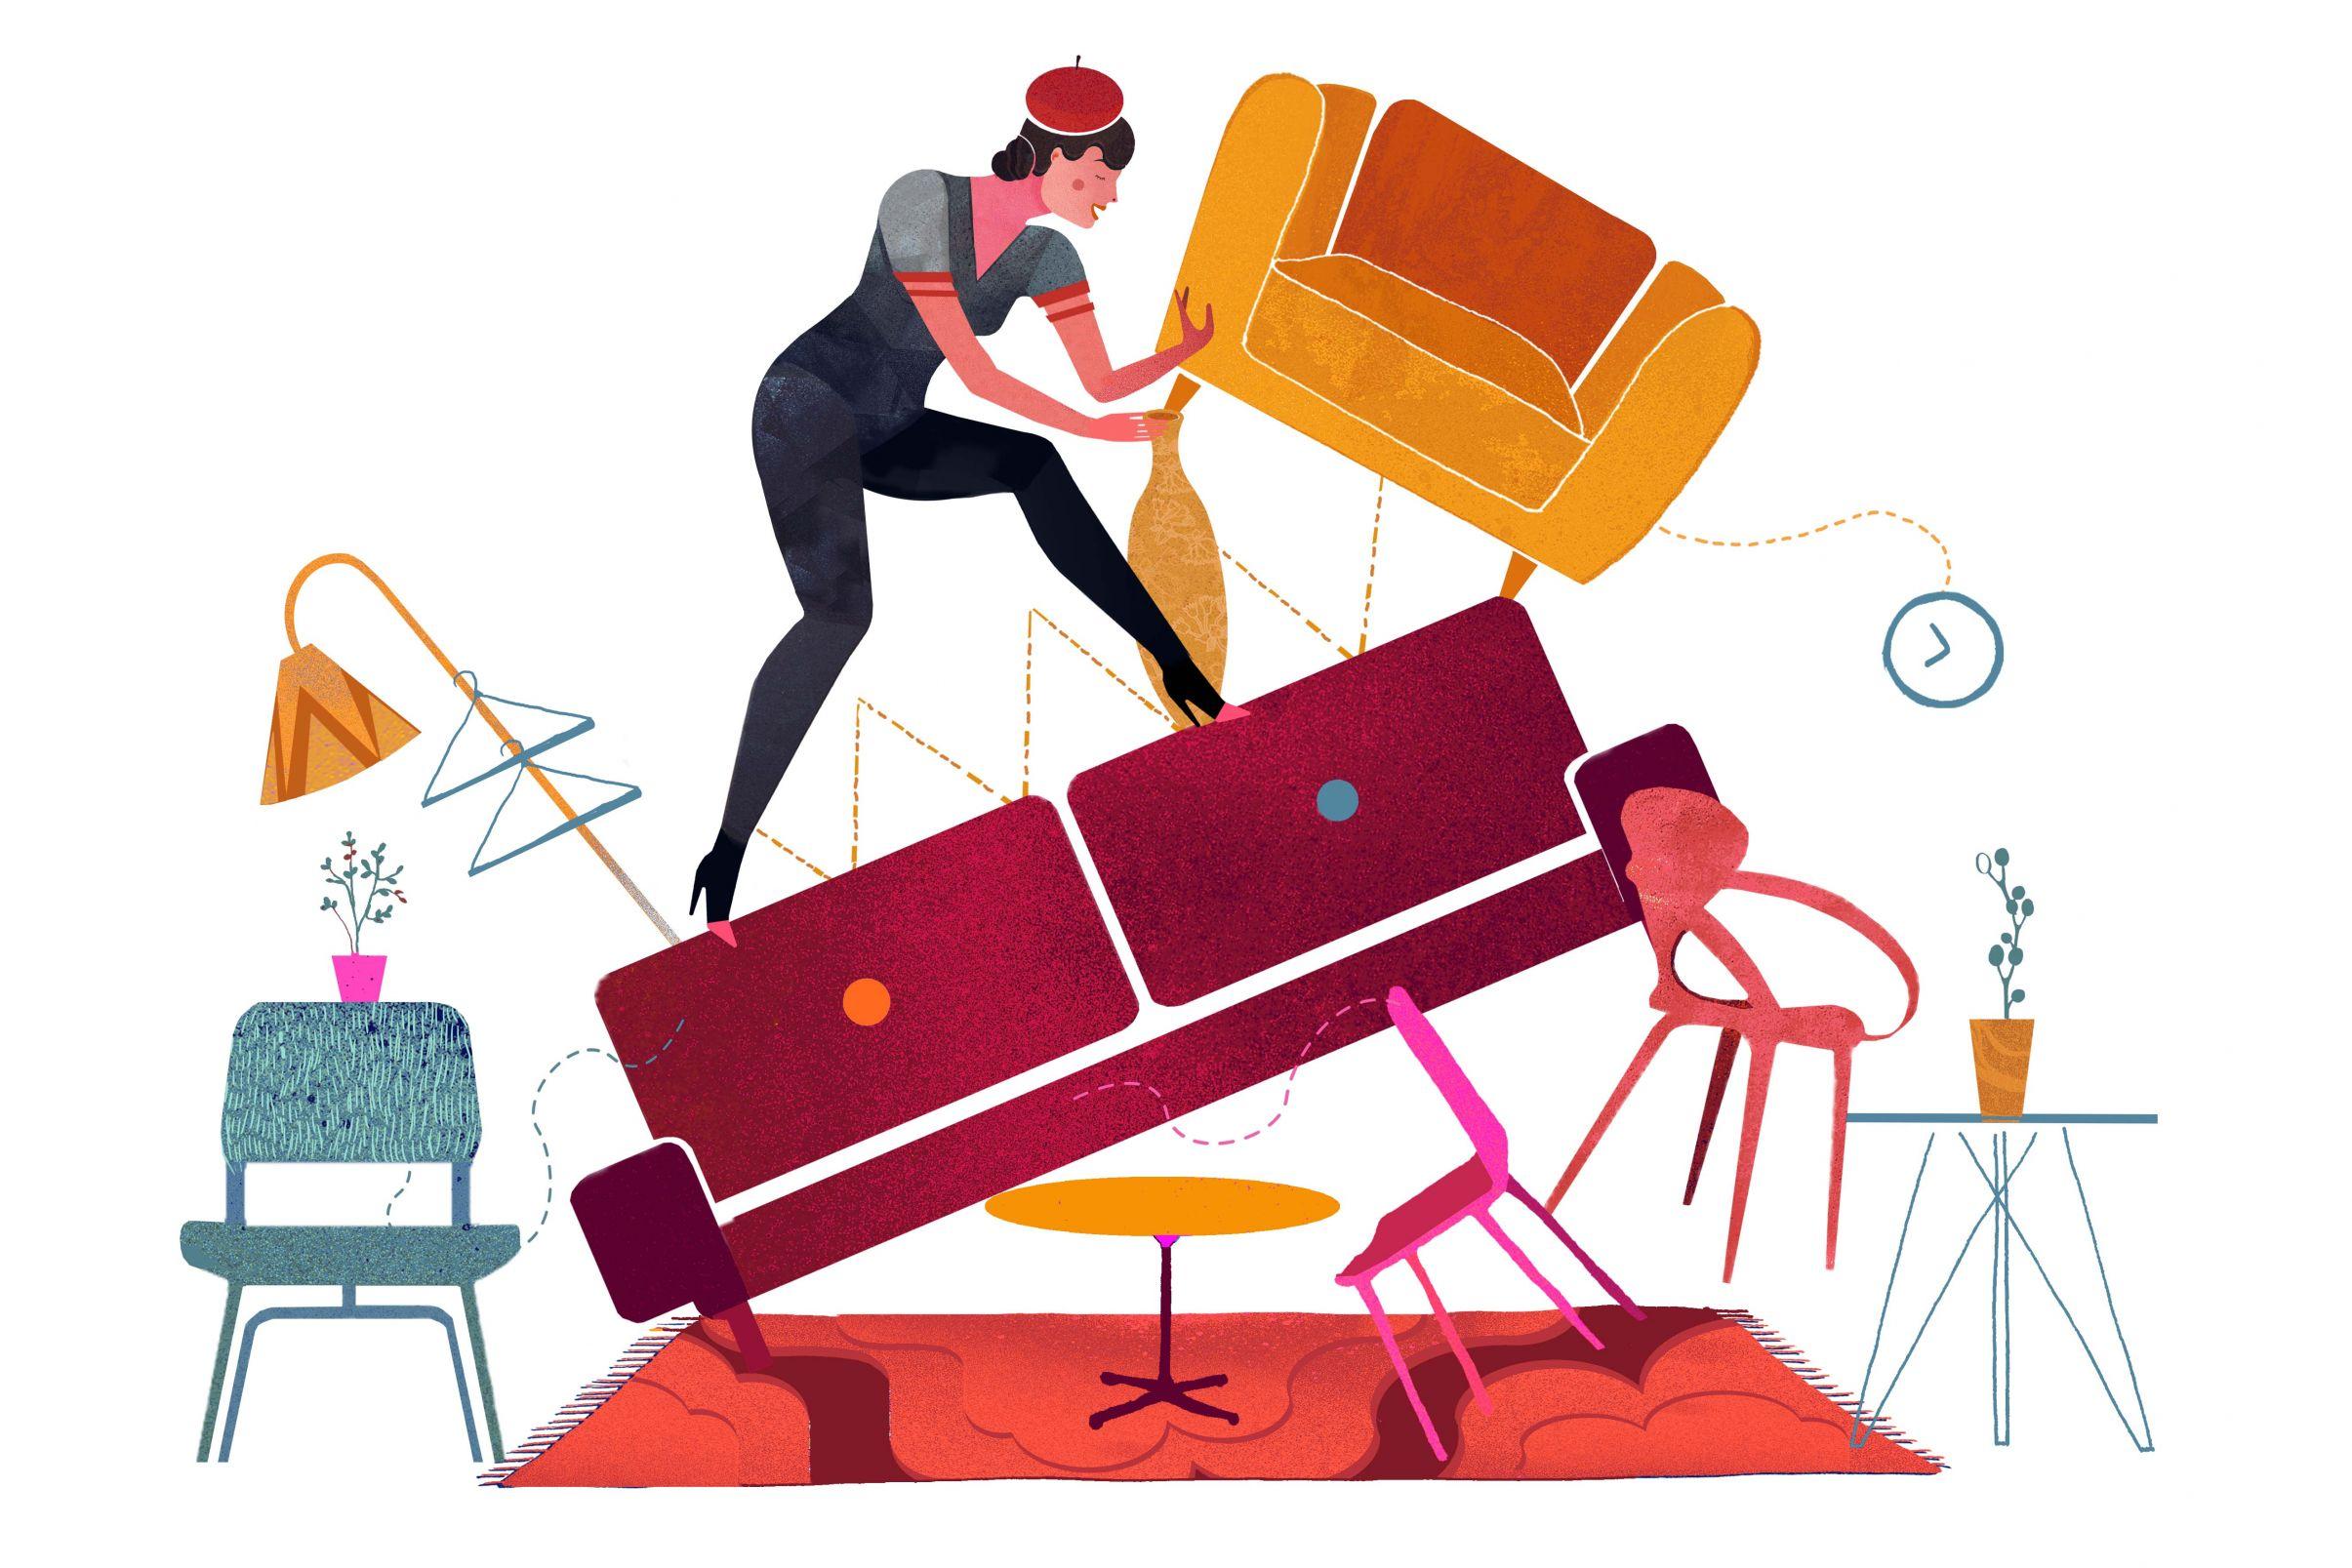 Comment-se-preparer-pour-poser-du-papier-peint-Deplacer-enlever-les-meubles